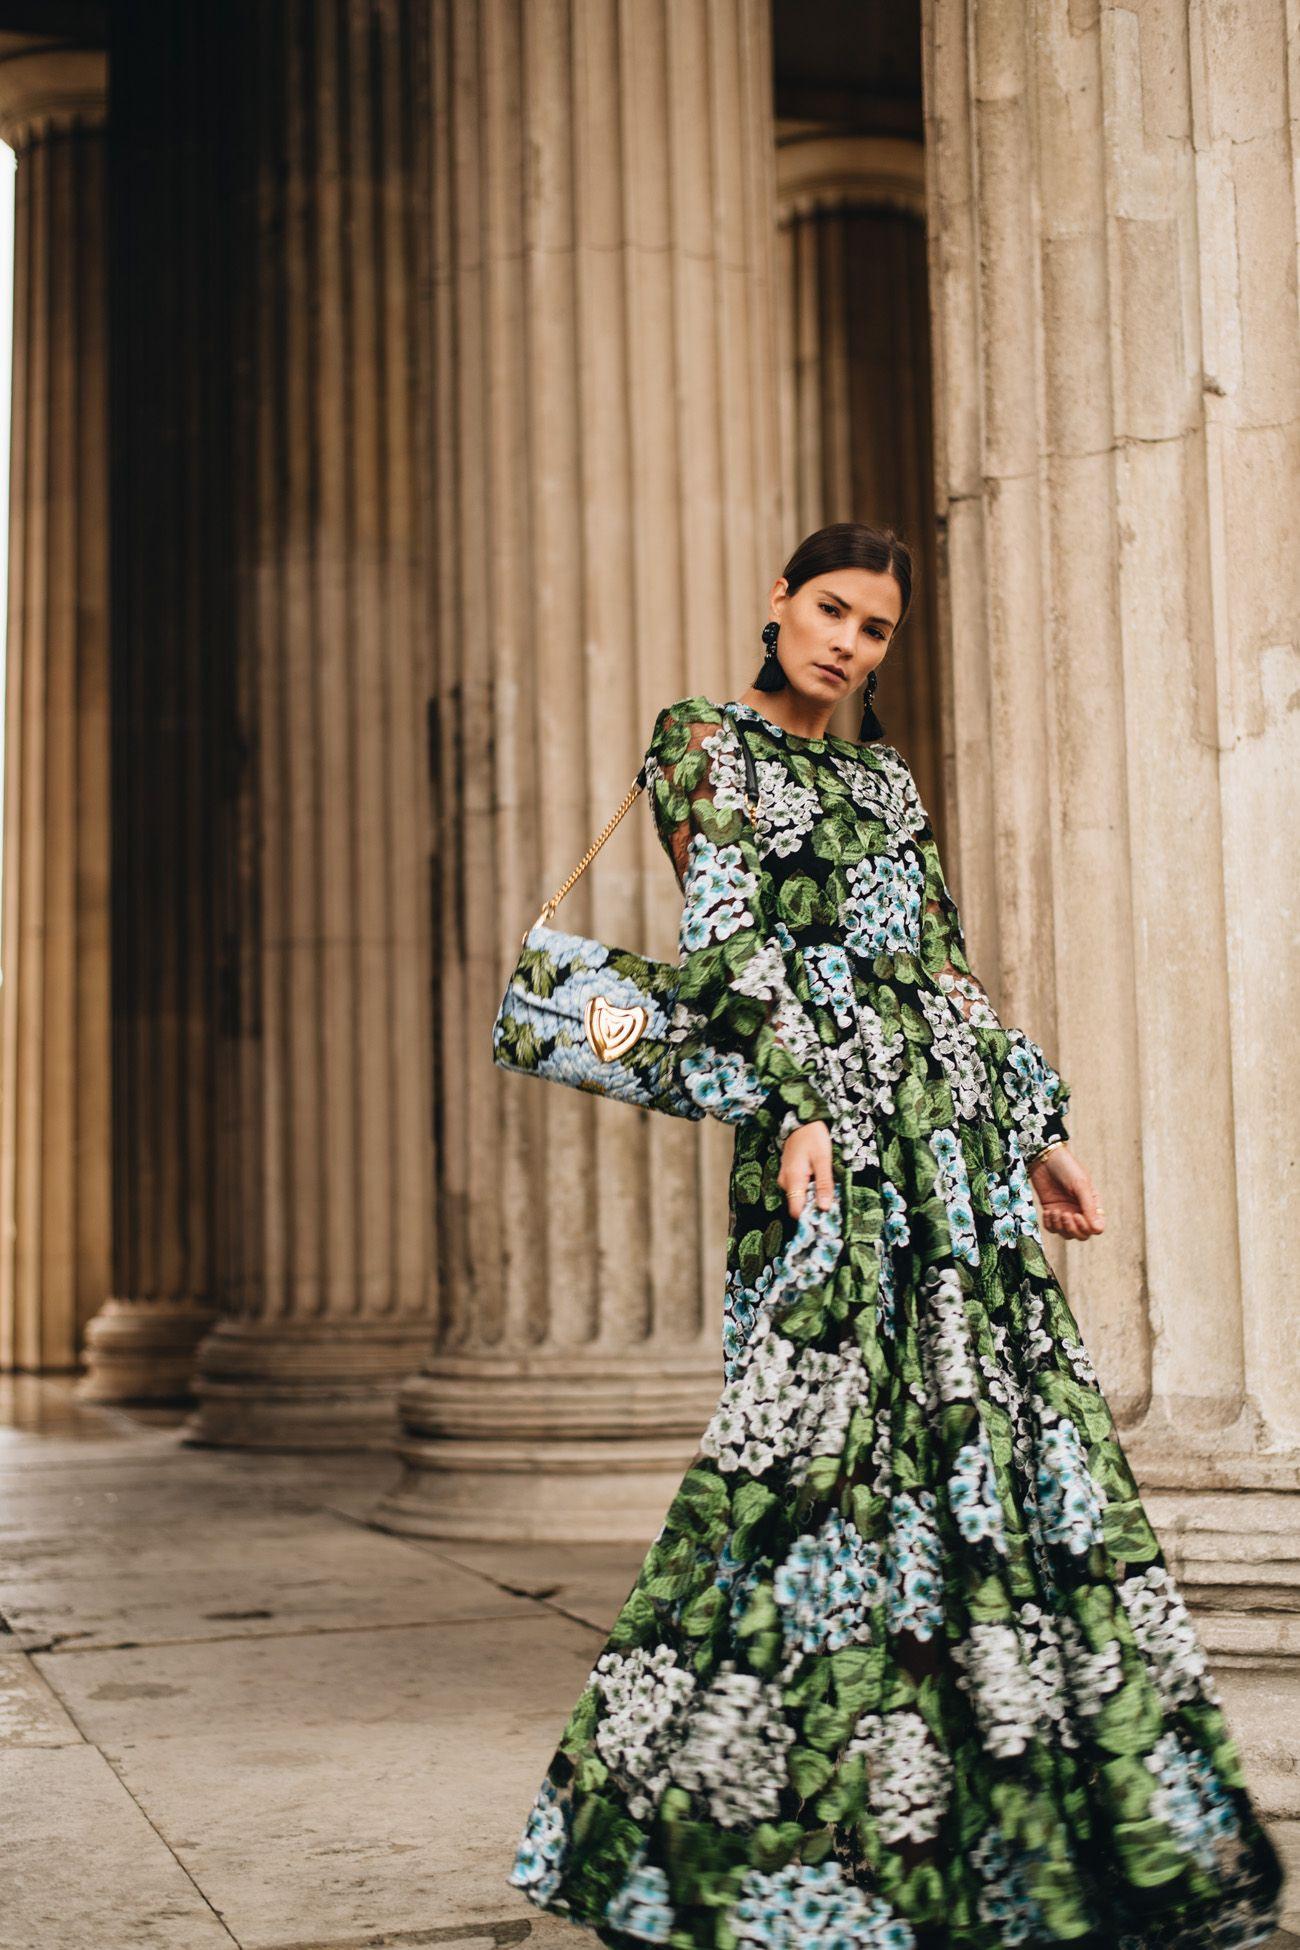 Formal Schön Escada Abendkleid Stylish - Abendkleid